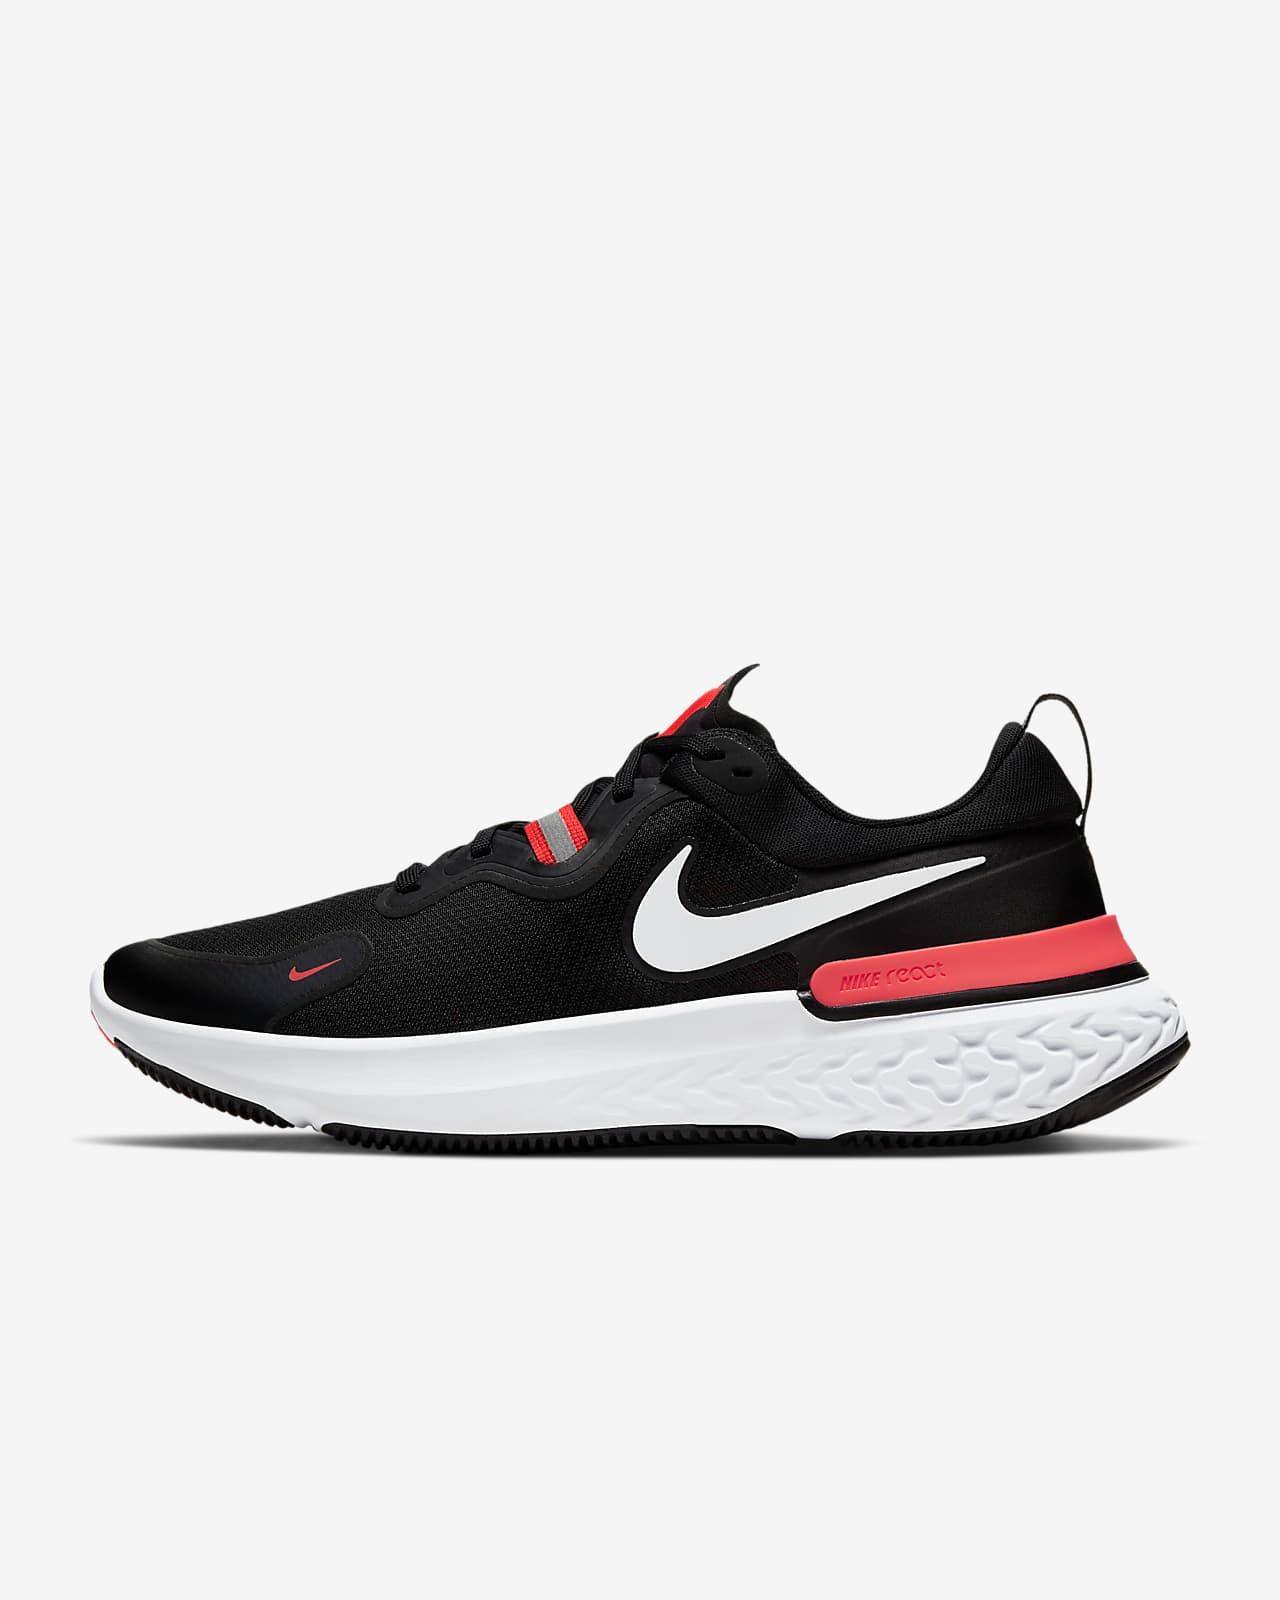 Pánská běžecká bota Nike React Miler